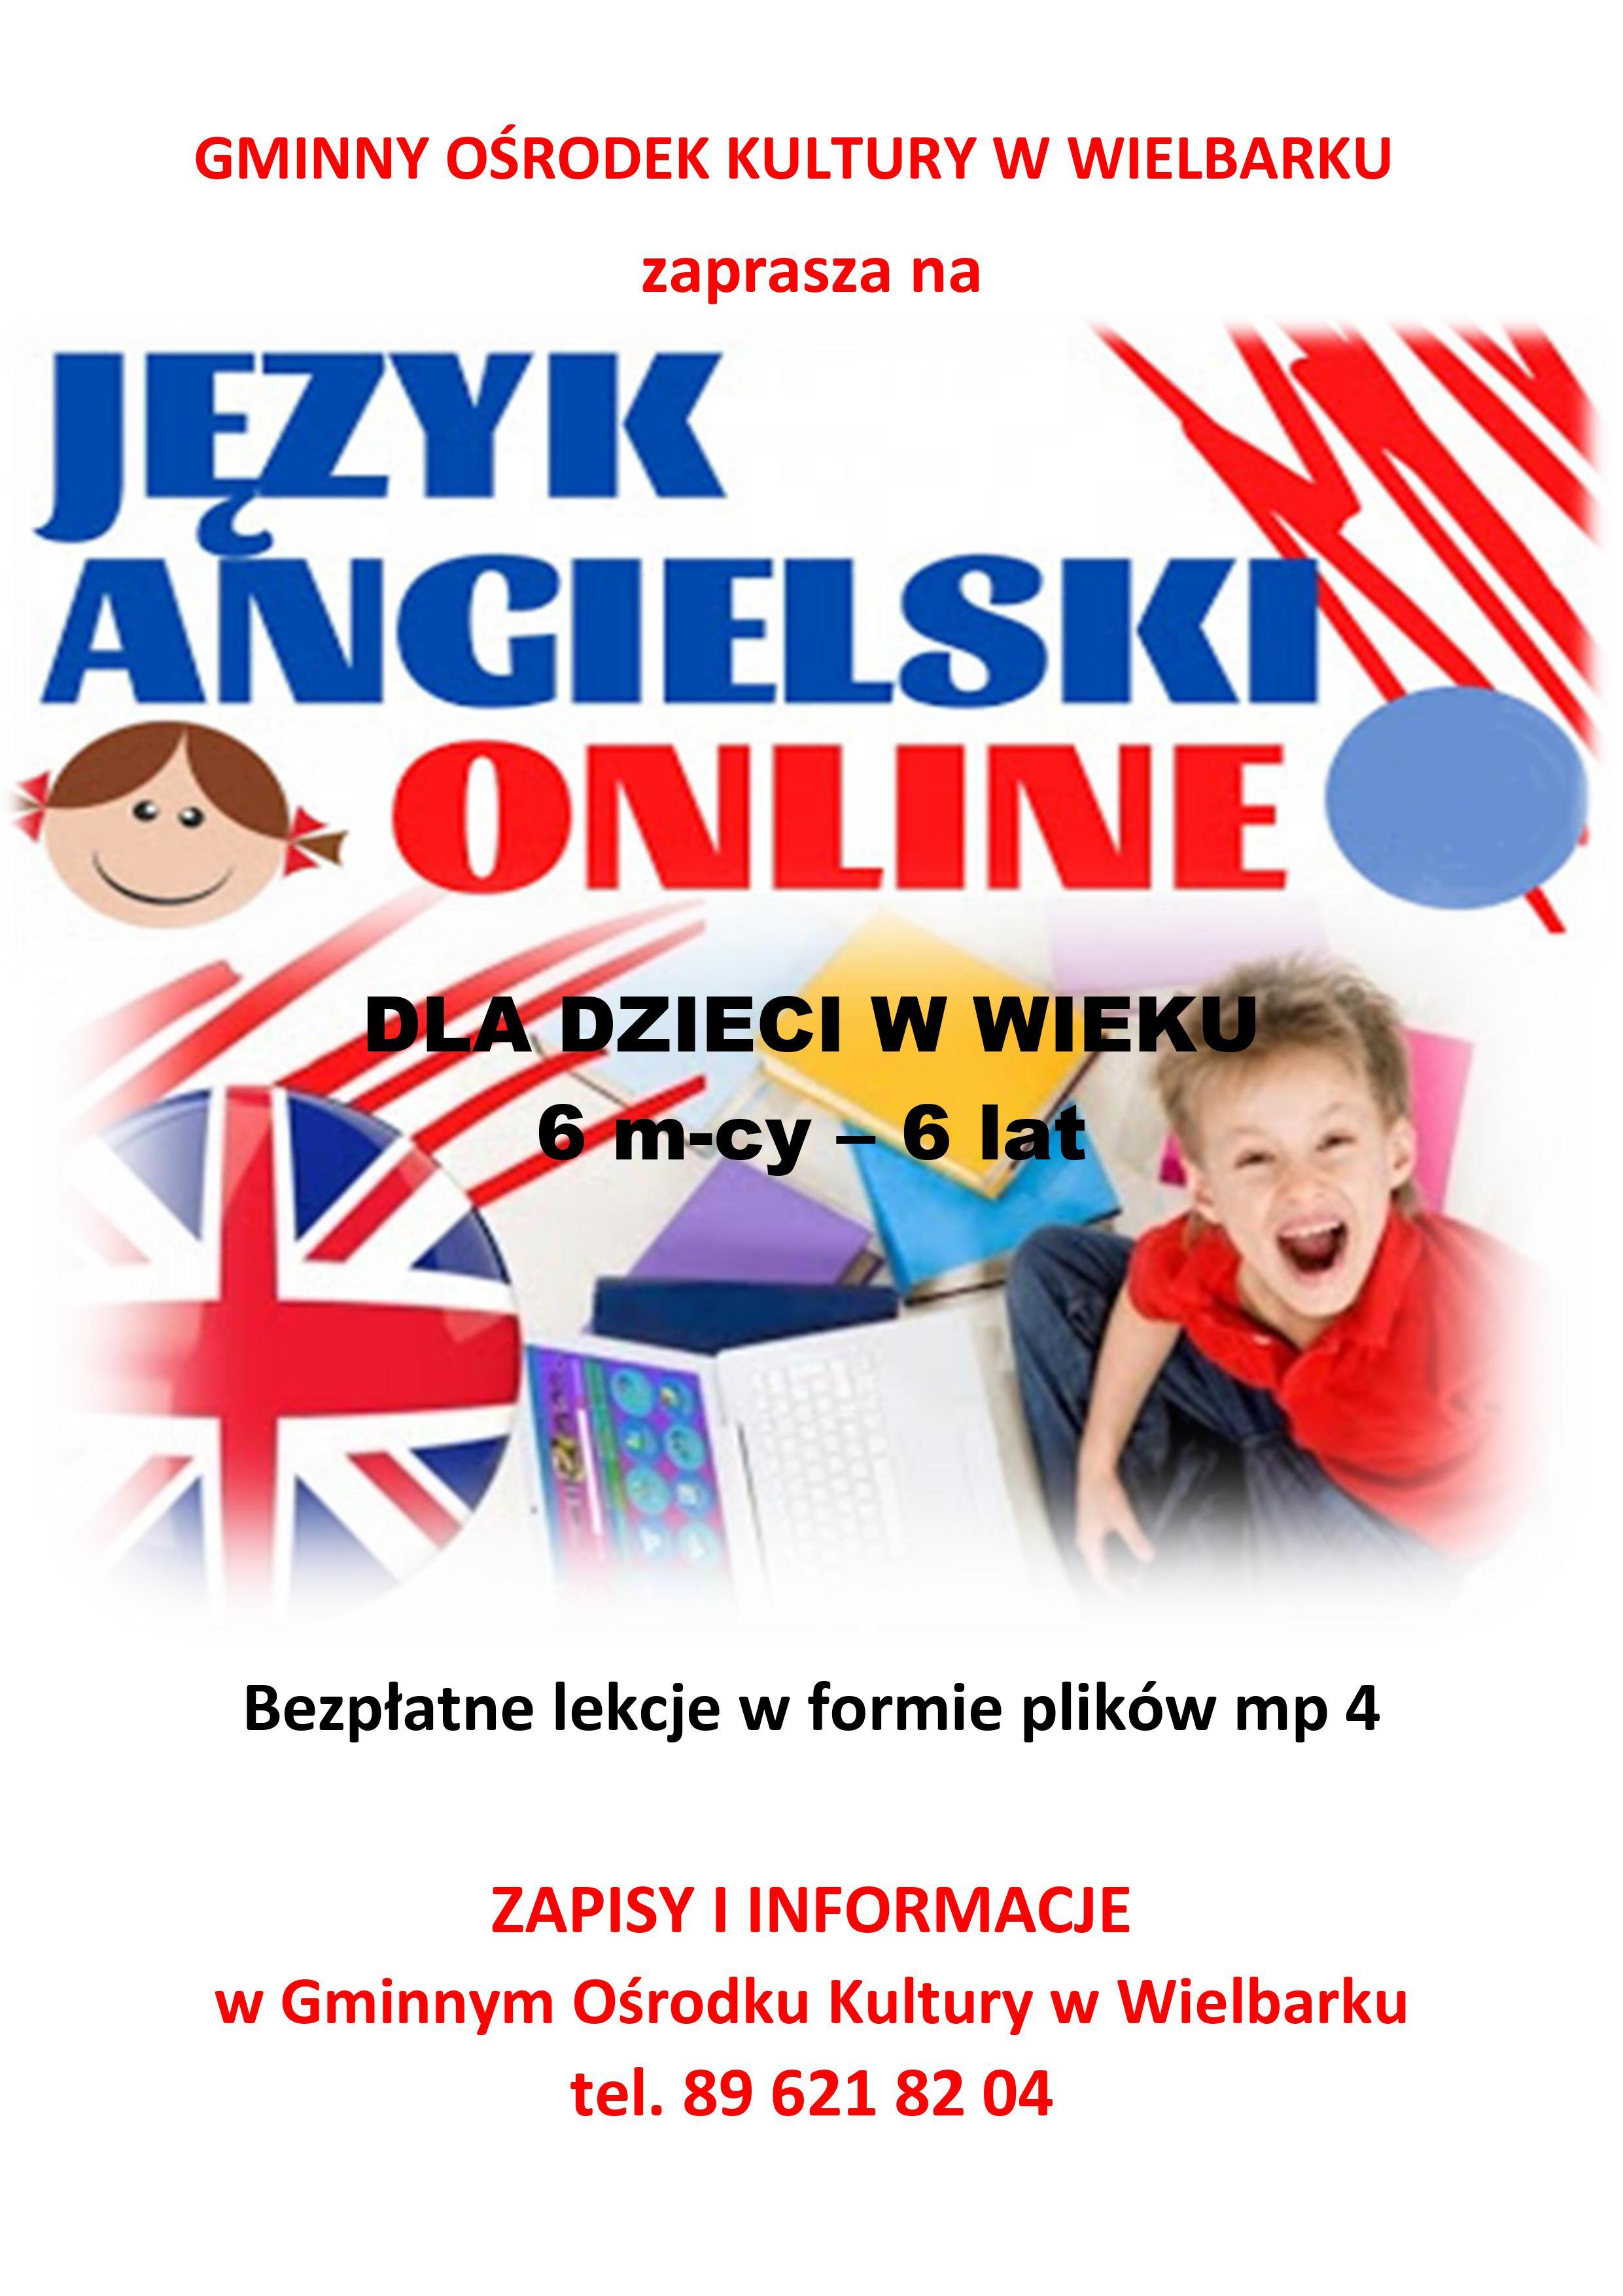 https://m.powiatszczycienski.pl/2020/06/orig/plakat-angielski-online-33012.jpg